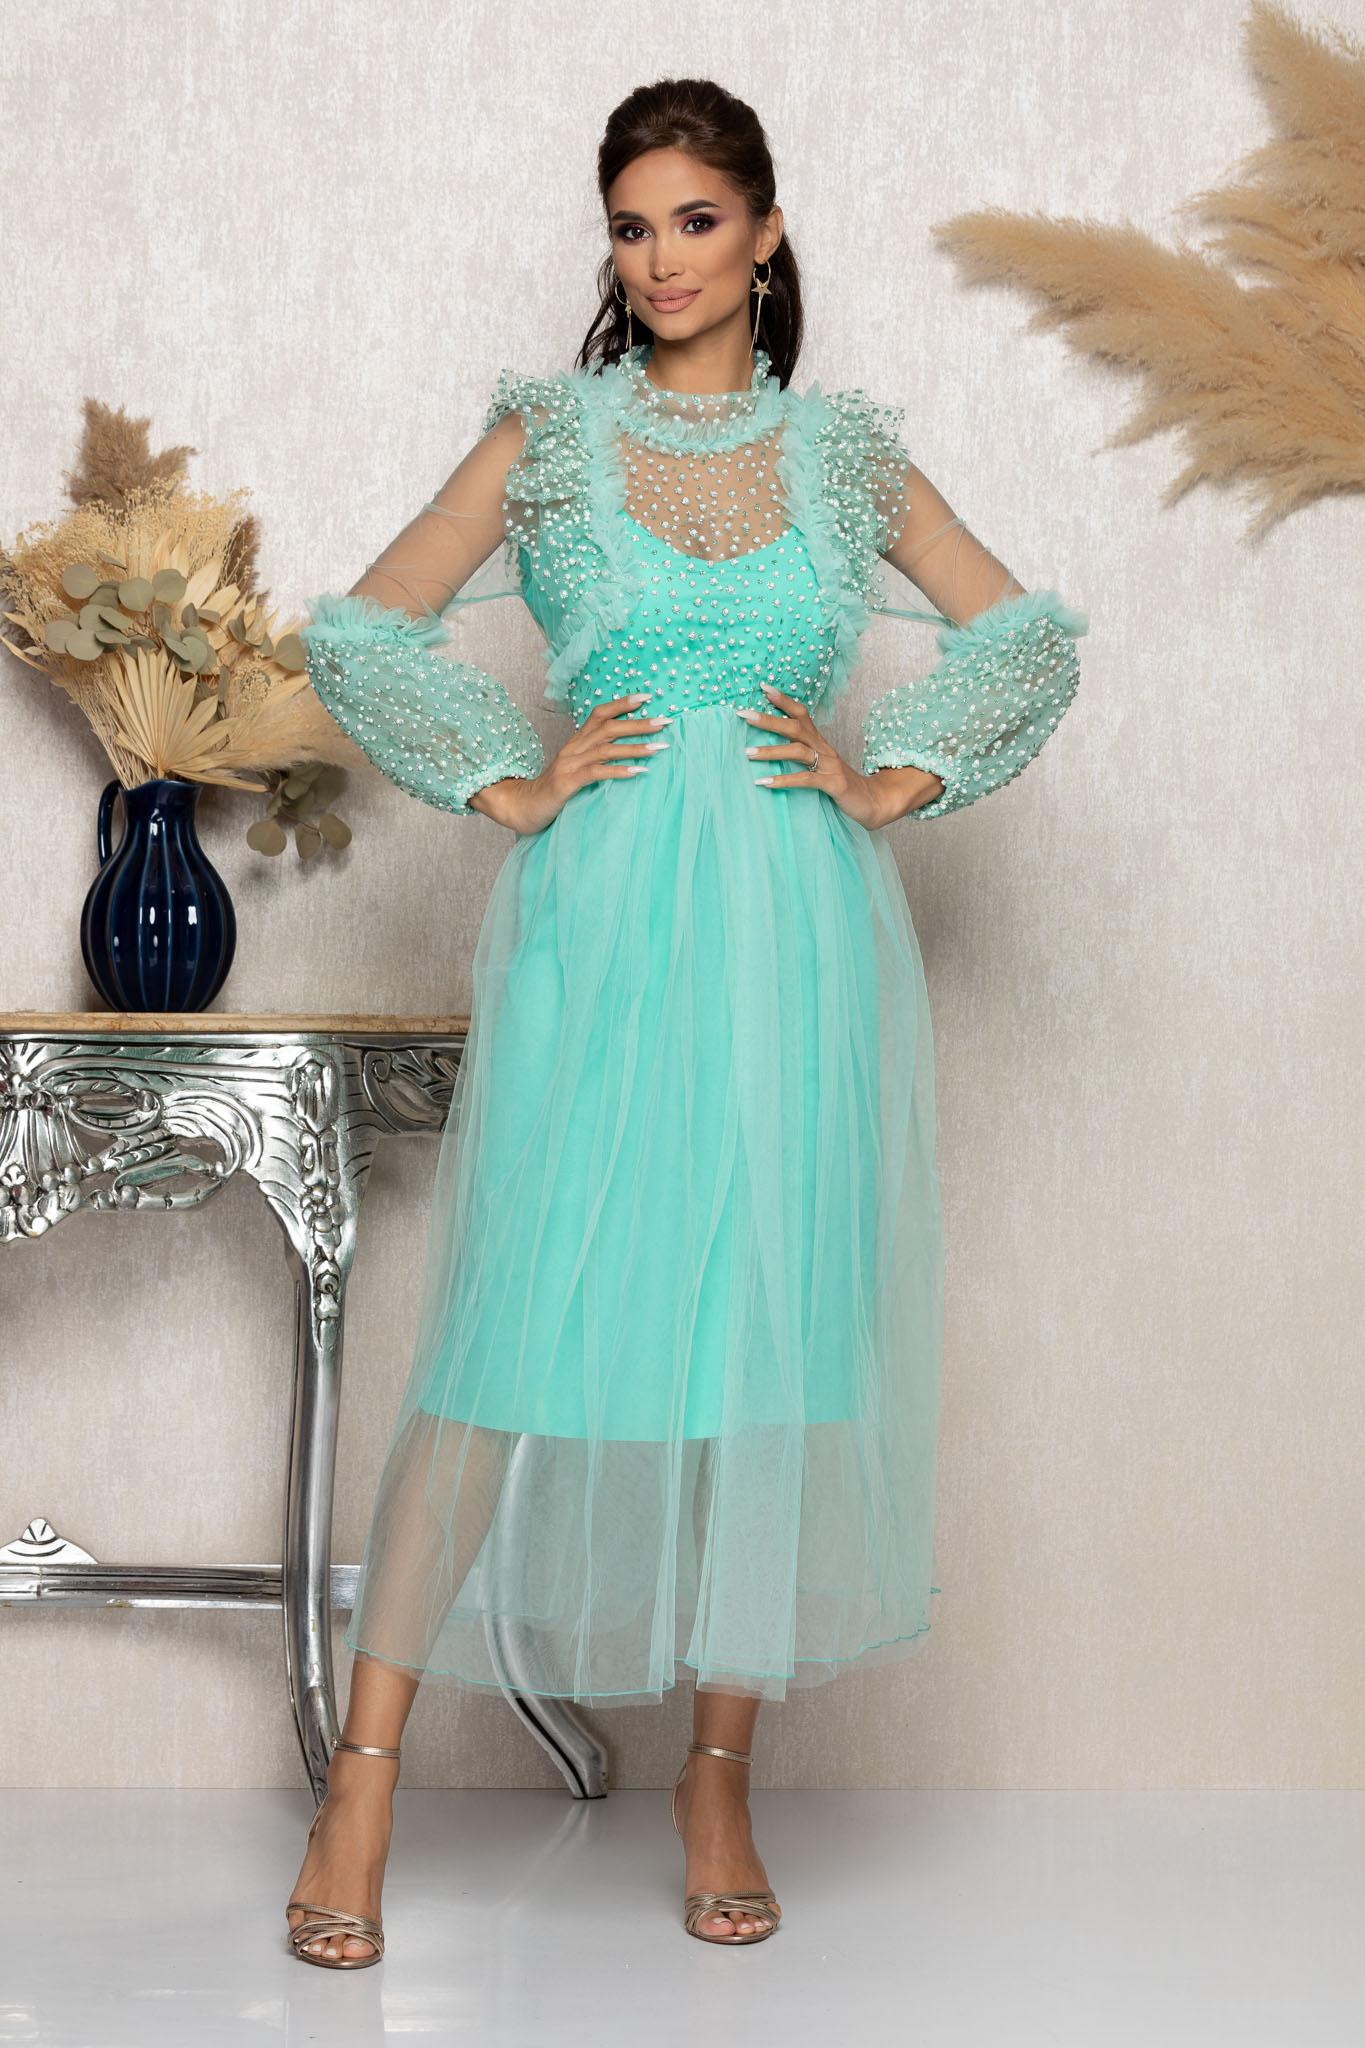 Rochie Heavenly Mint Marimi Mari M (38) | L (40) | XL (42) | XXL (44) | 3XL (46)